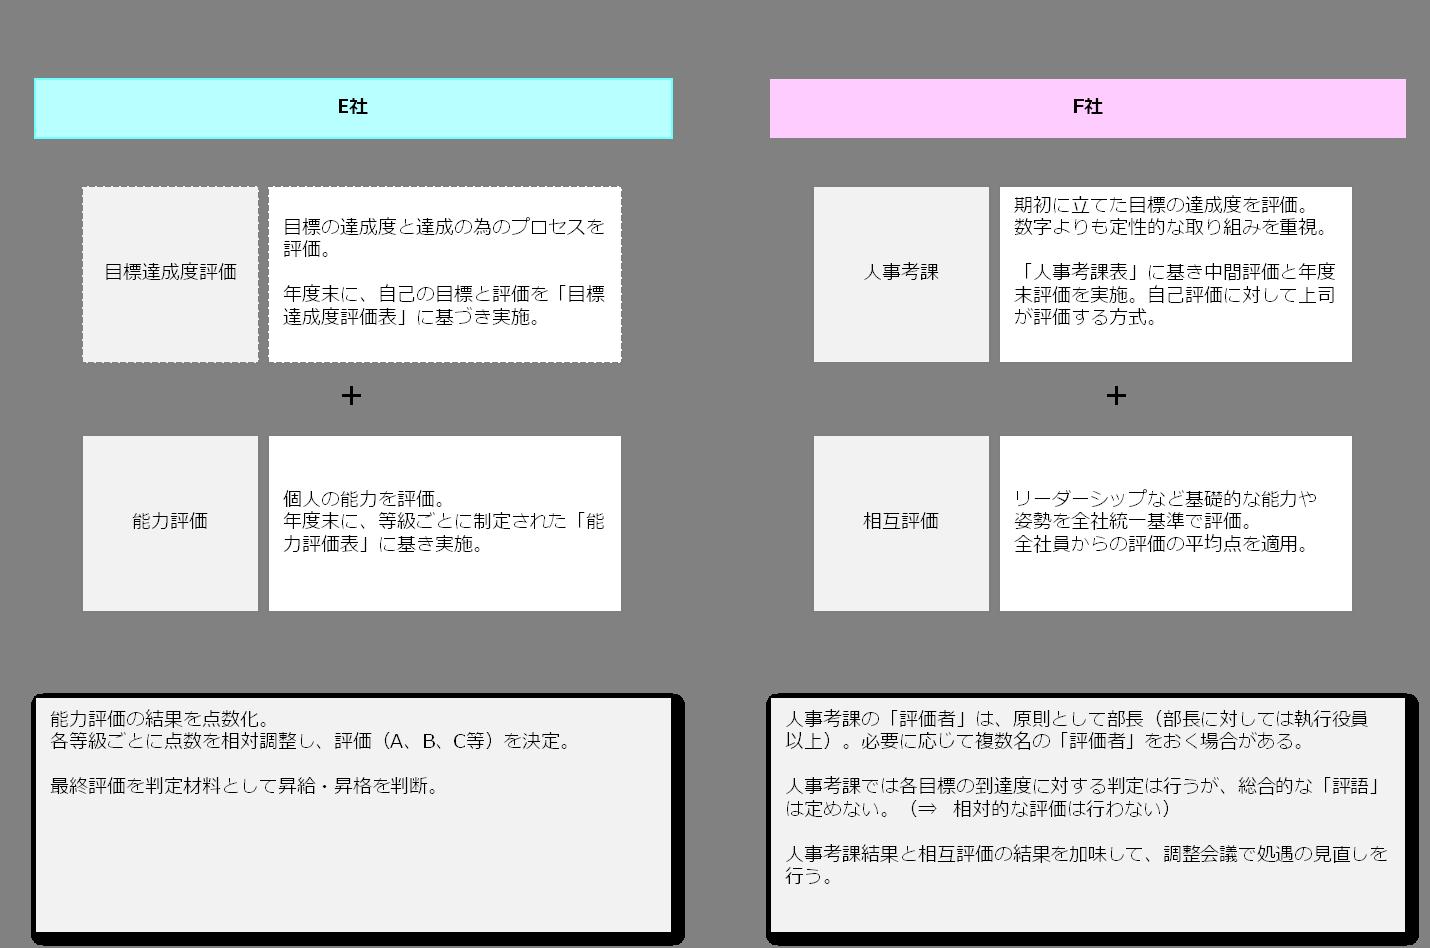 case_M&A3